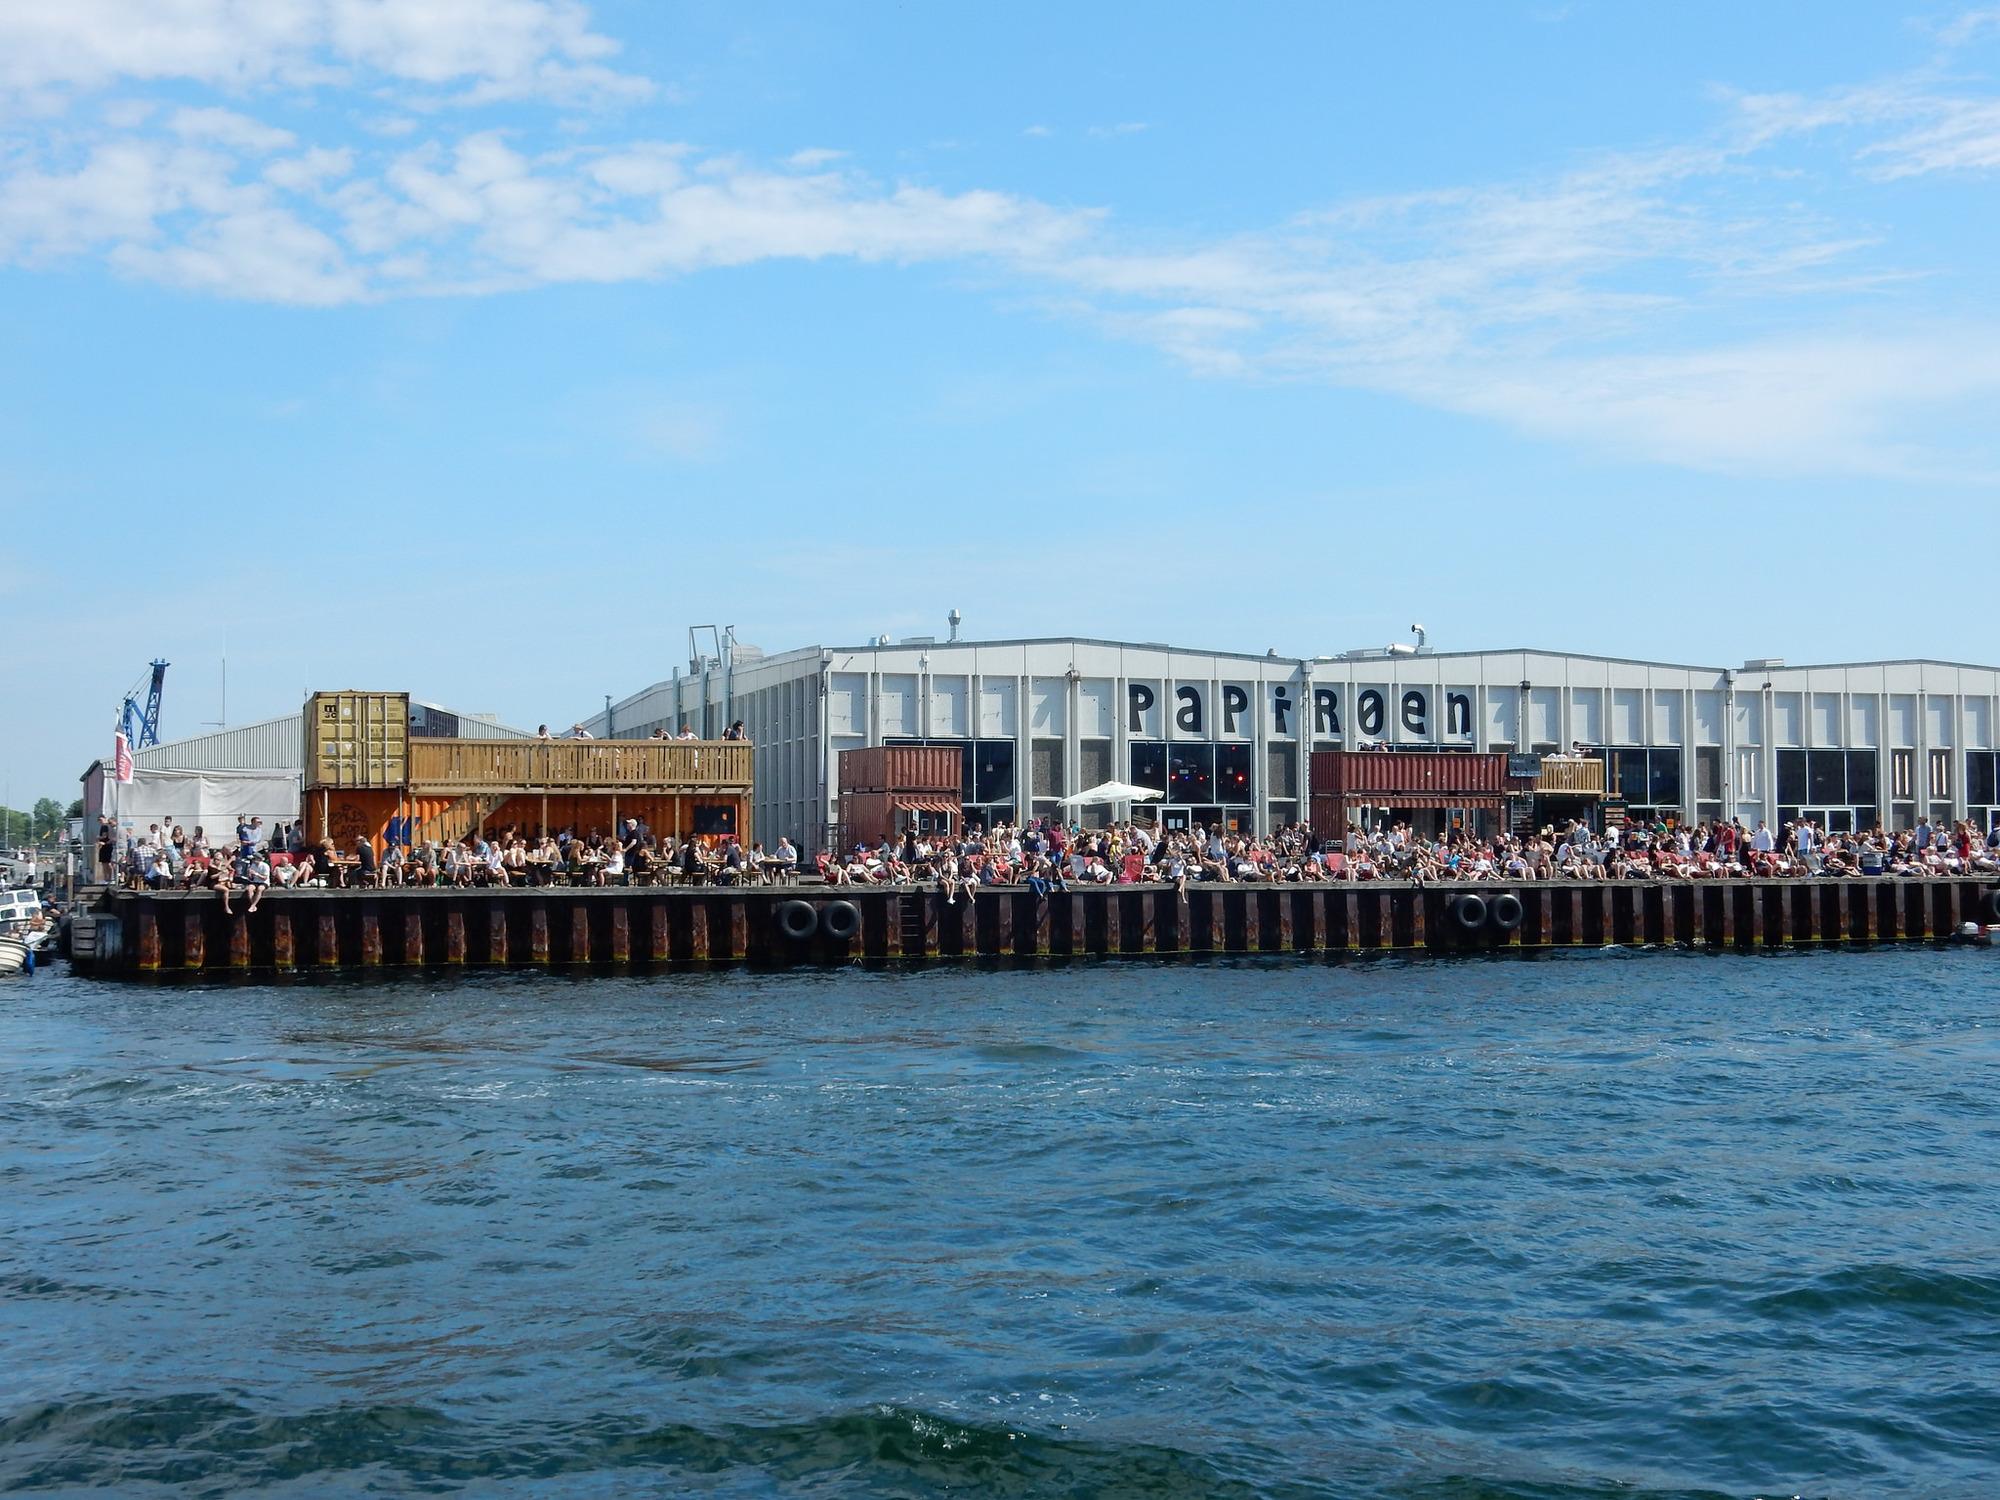 5 Escritórios, incluindo BIG e Kengo Kuma, competem por projeto de novo centro aquático em Copenhague